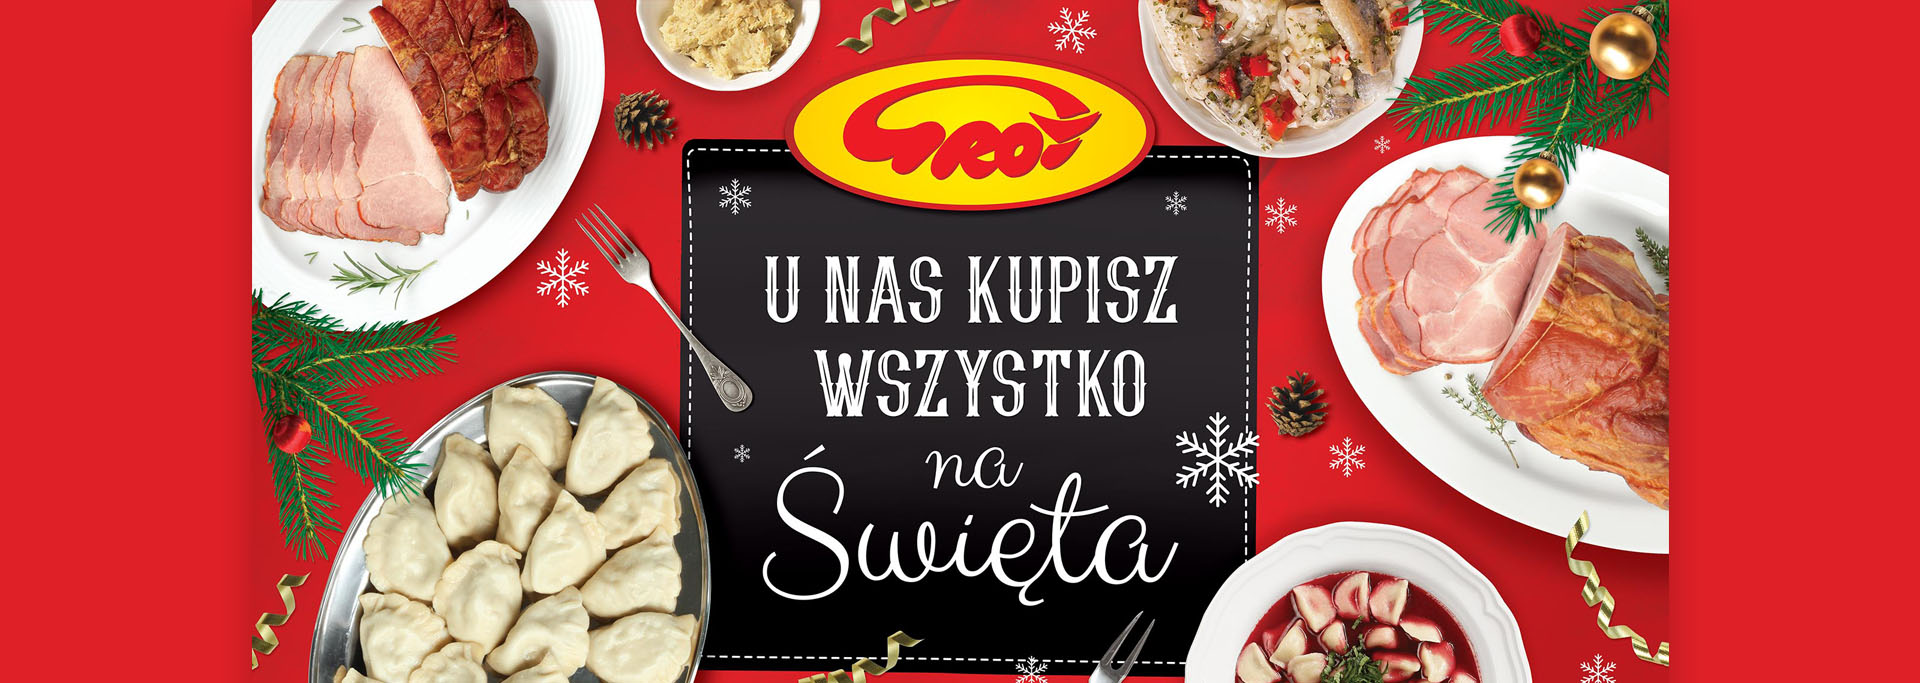 banner_swieta